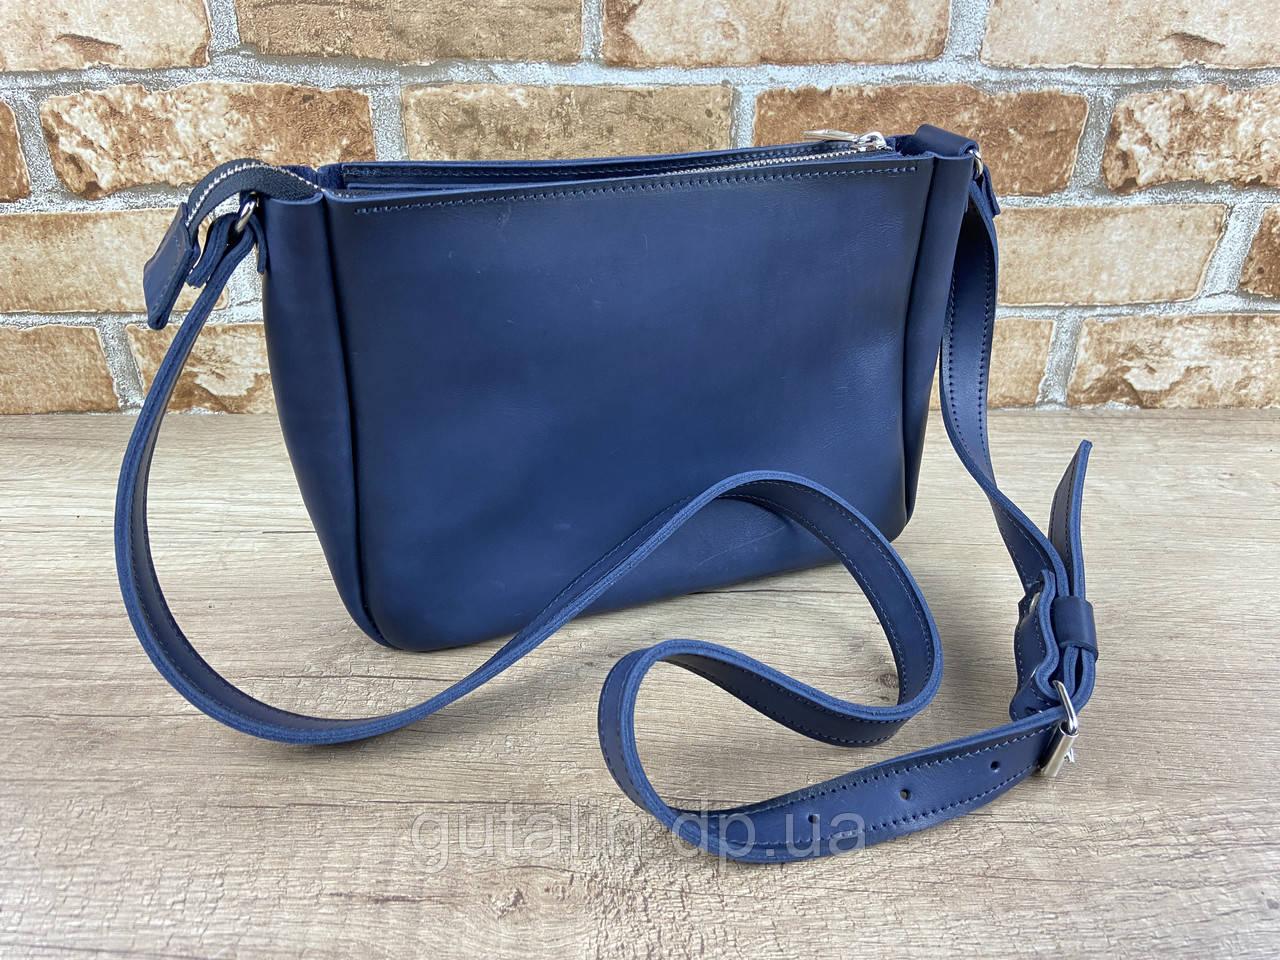 """Женская сумка """"Middle"""" ручной работы из натуральной кожи цвет Синяя"""